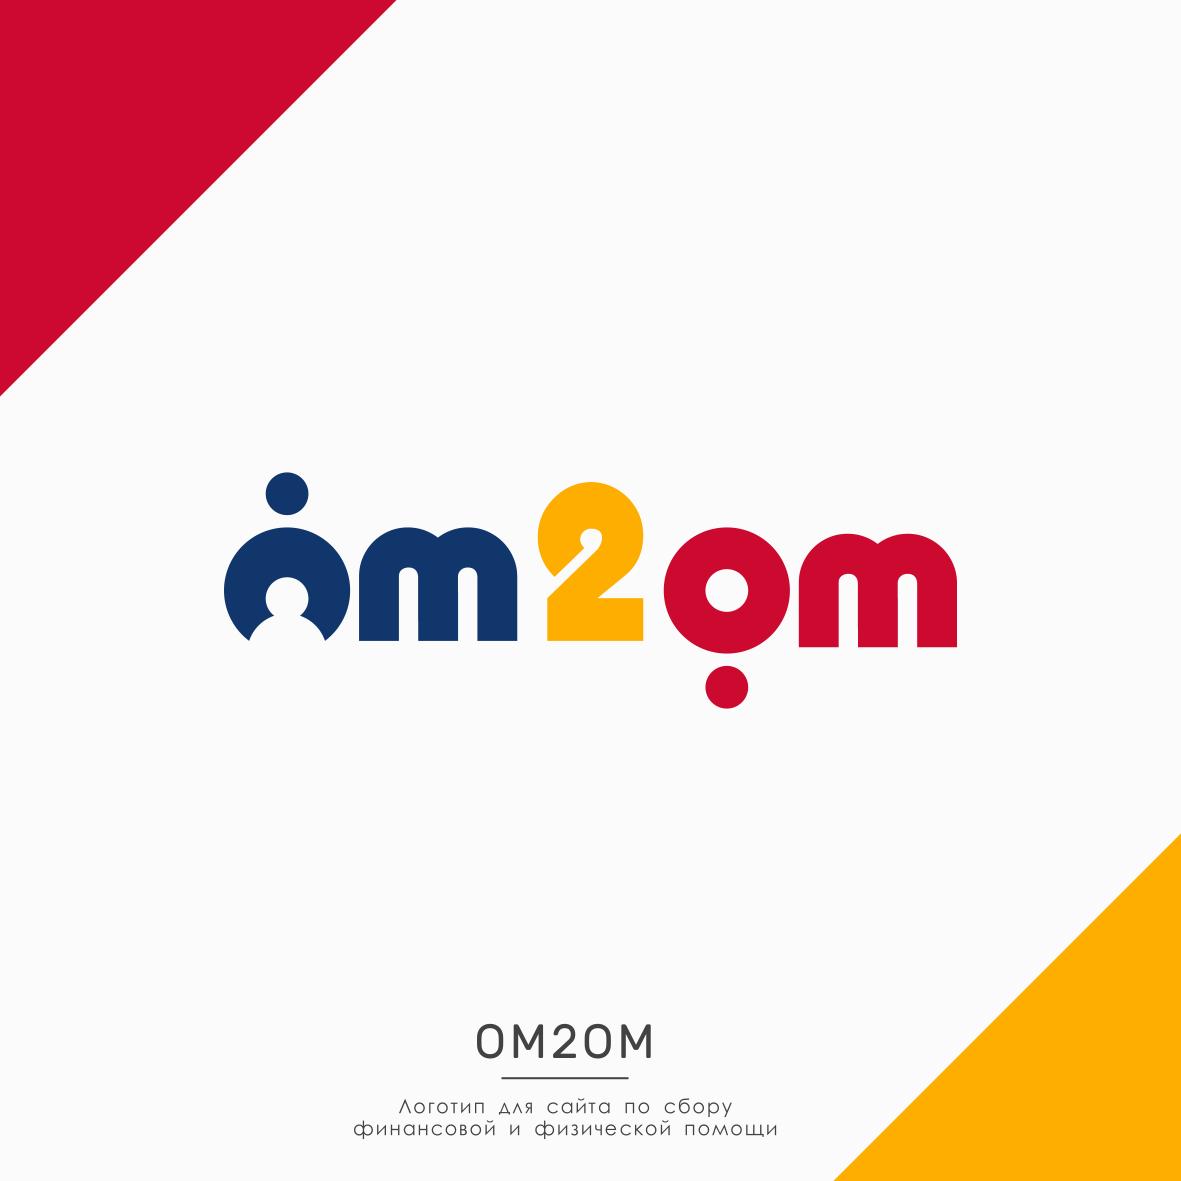 Разработка логотипа для краудфандинговой платформы om2om.md фото f_9095f5f01807aa08.png